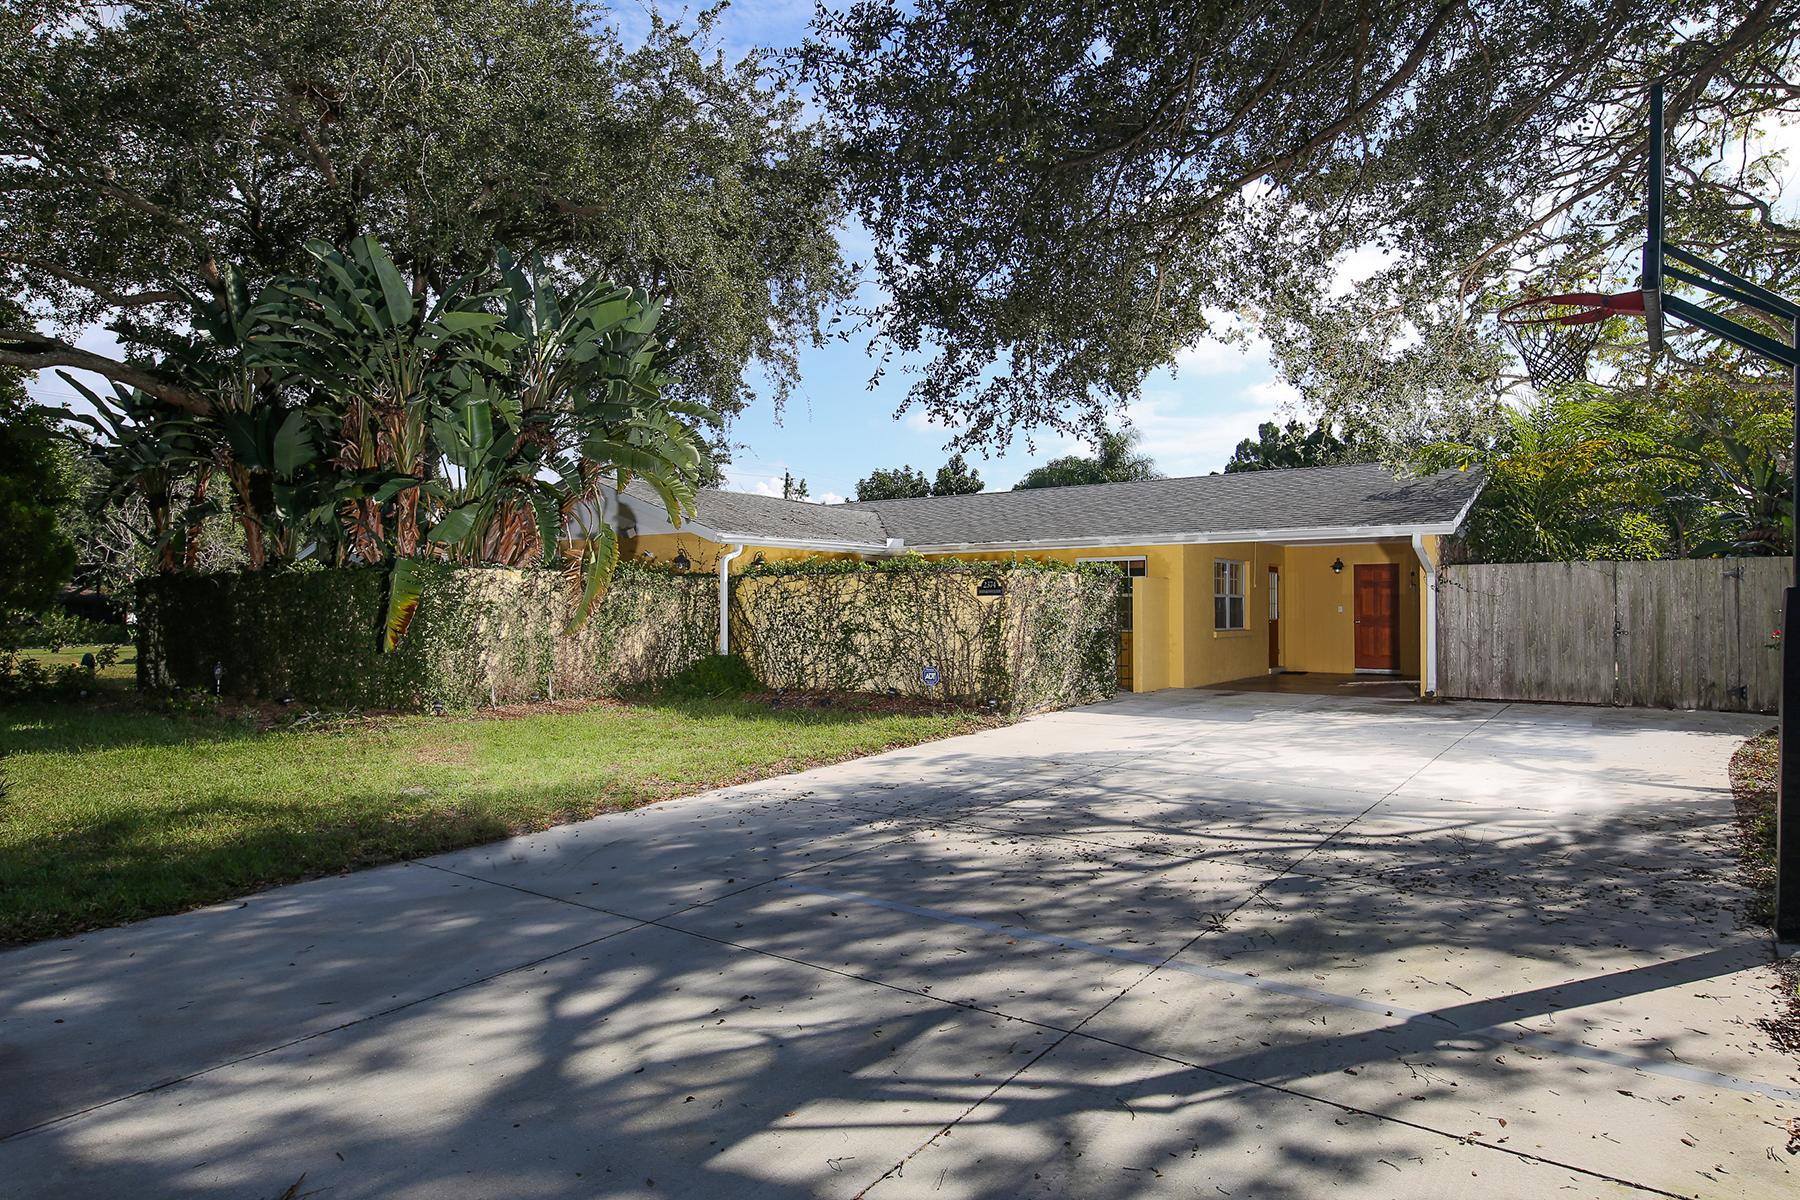 独户住宅 为 销售 在 CENTRAL SARASOTA 2374 Bougainvillea St 萨拉索塔, 佛罗里达州 34239 美国